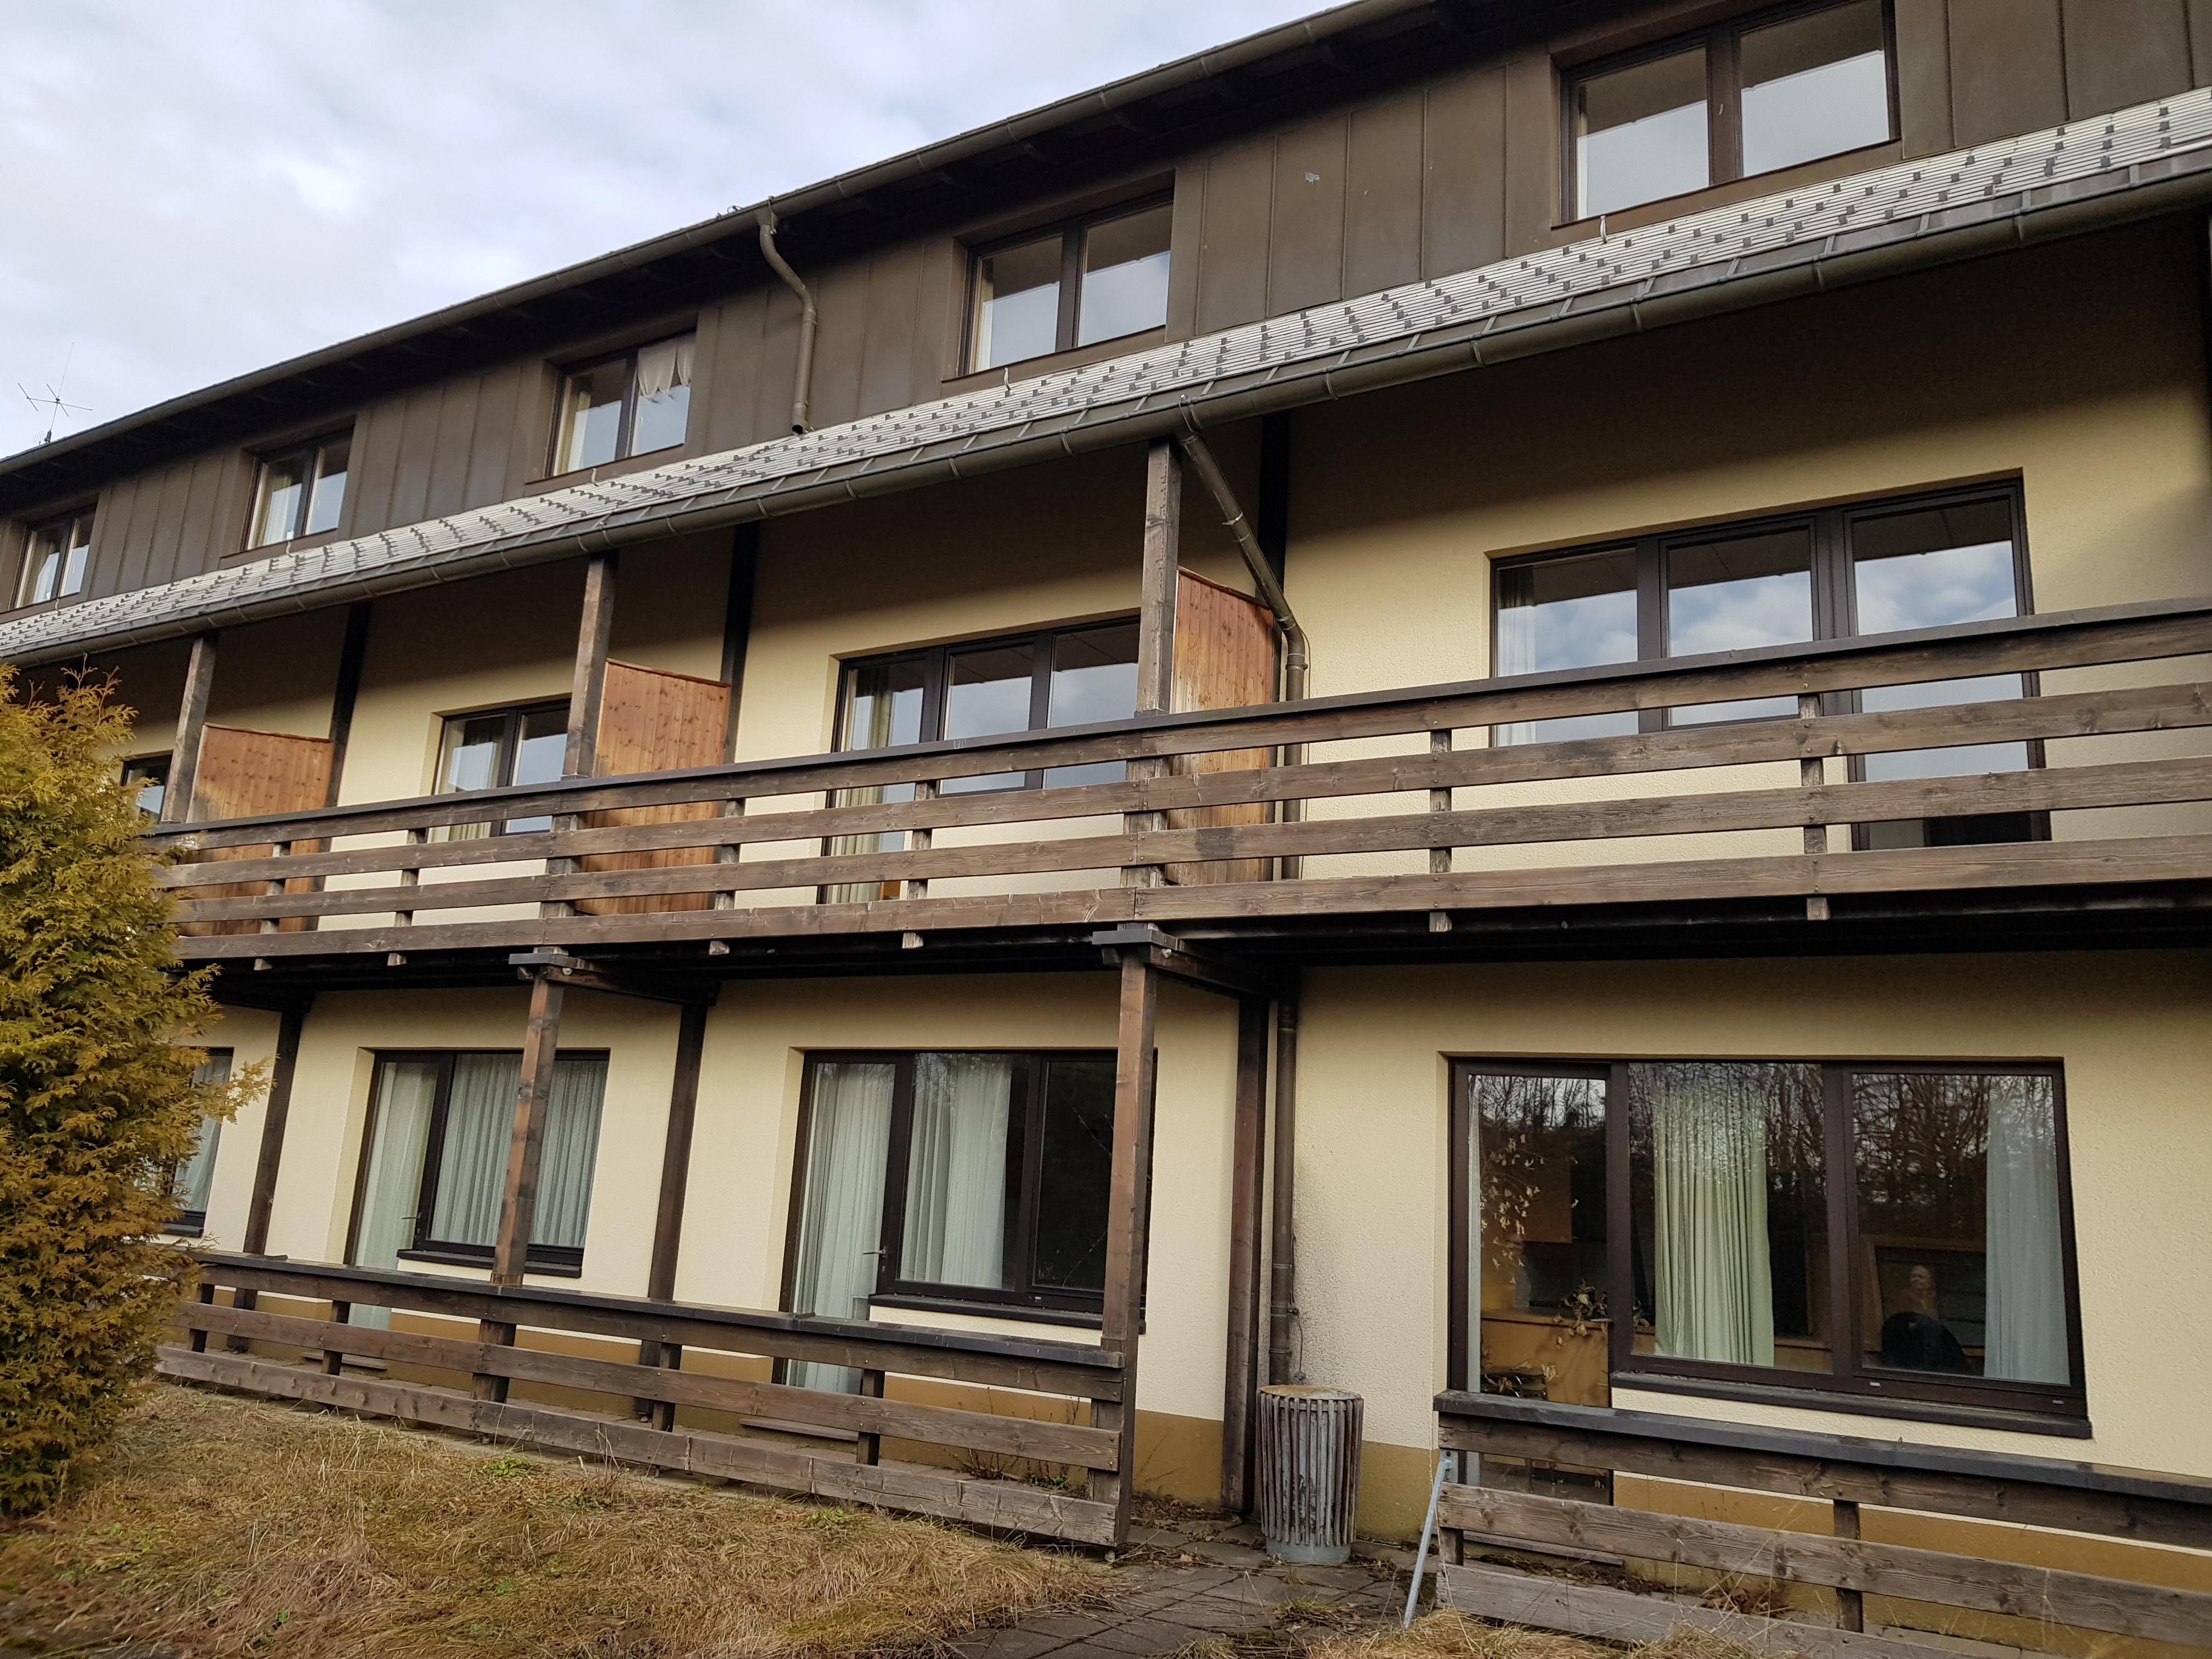 Ponyhof Balkone